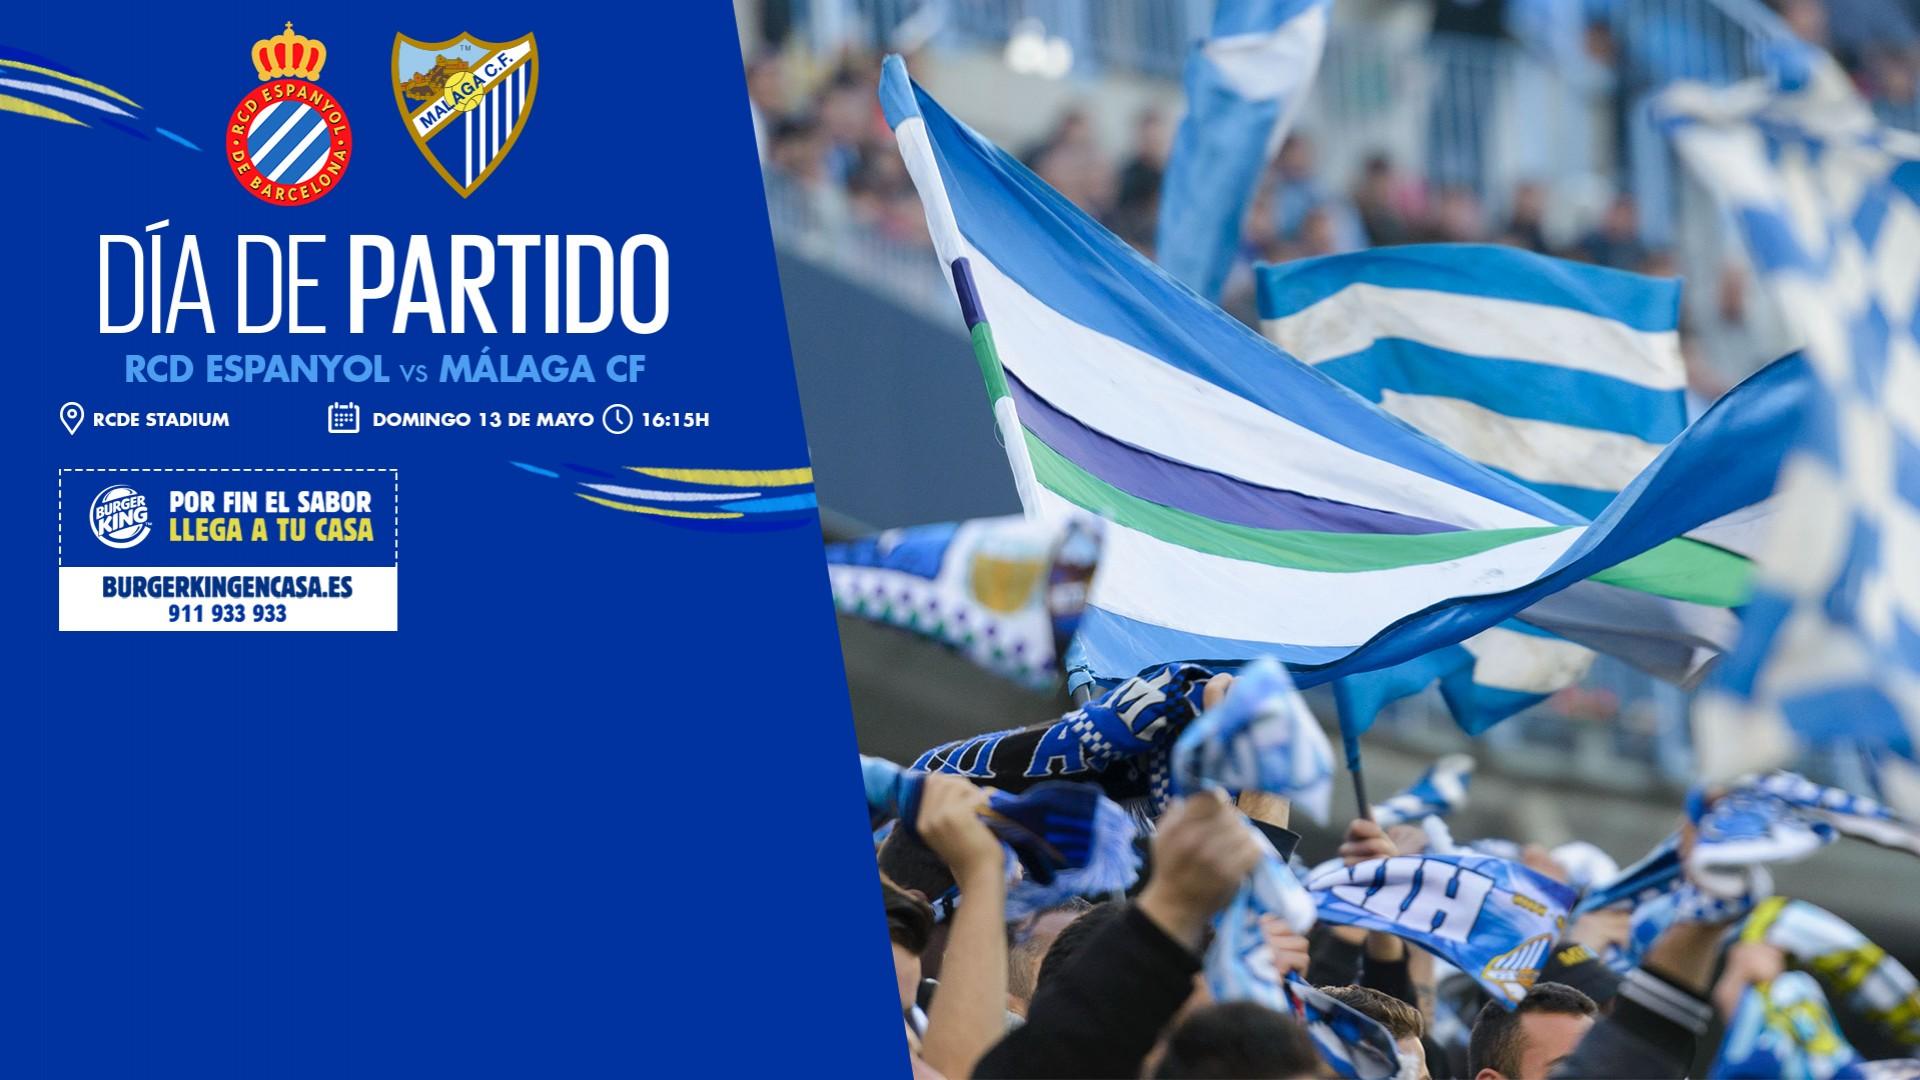 Único Fútbol Universitario Colorear Logotipos De Páginas Componente ...